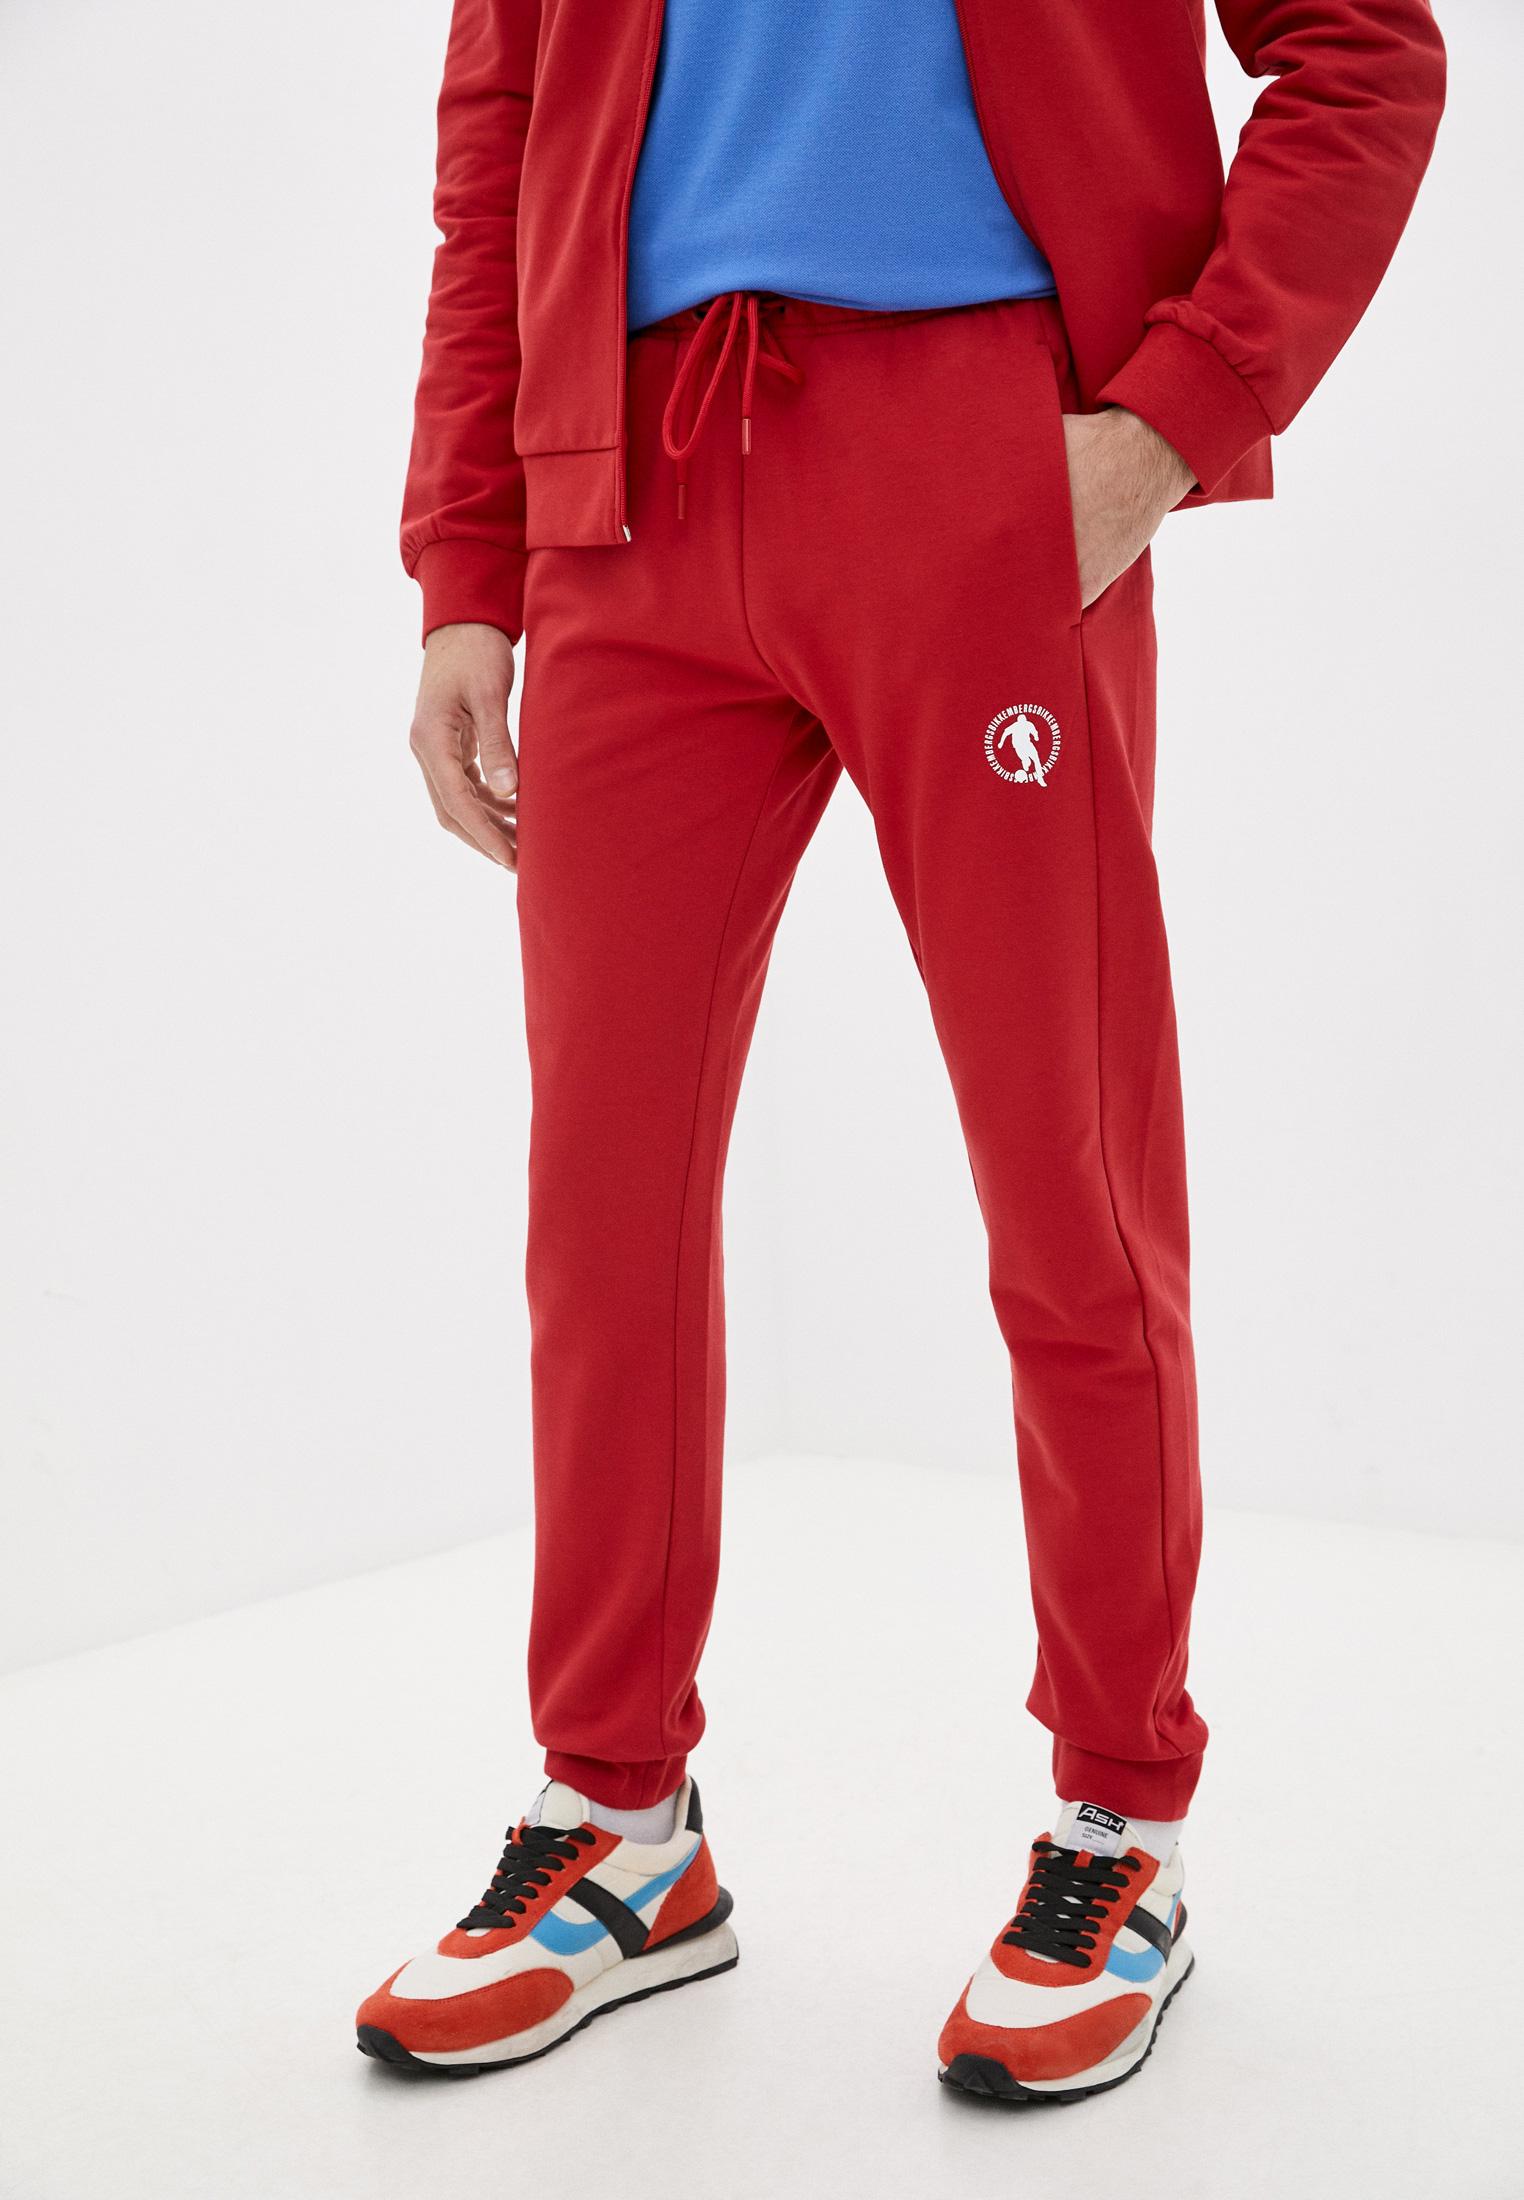 Спортивный костюм Bikkembergs (Биккембергс) C 0 025 4T E 2191: изображение 11